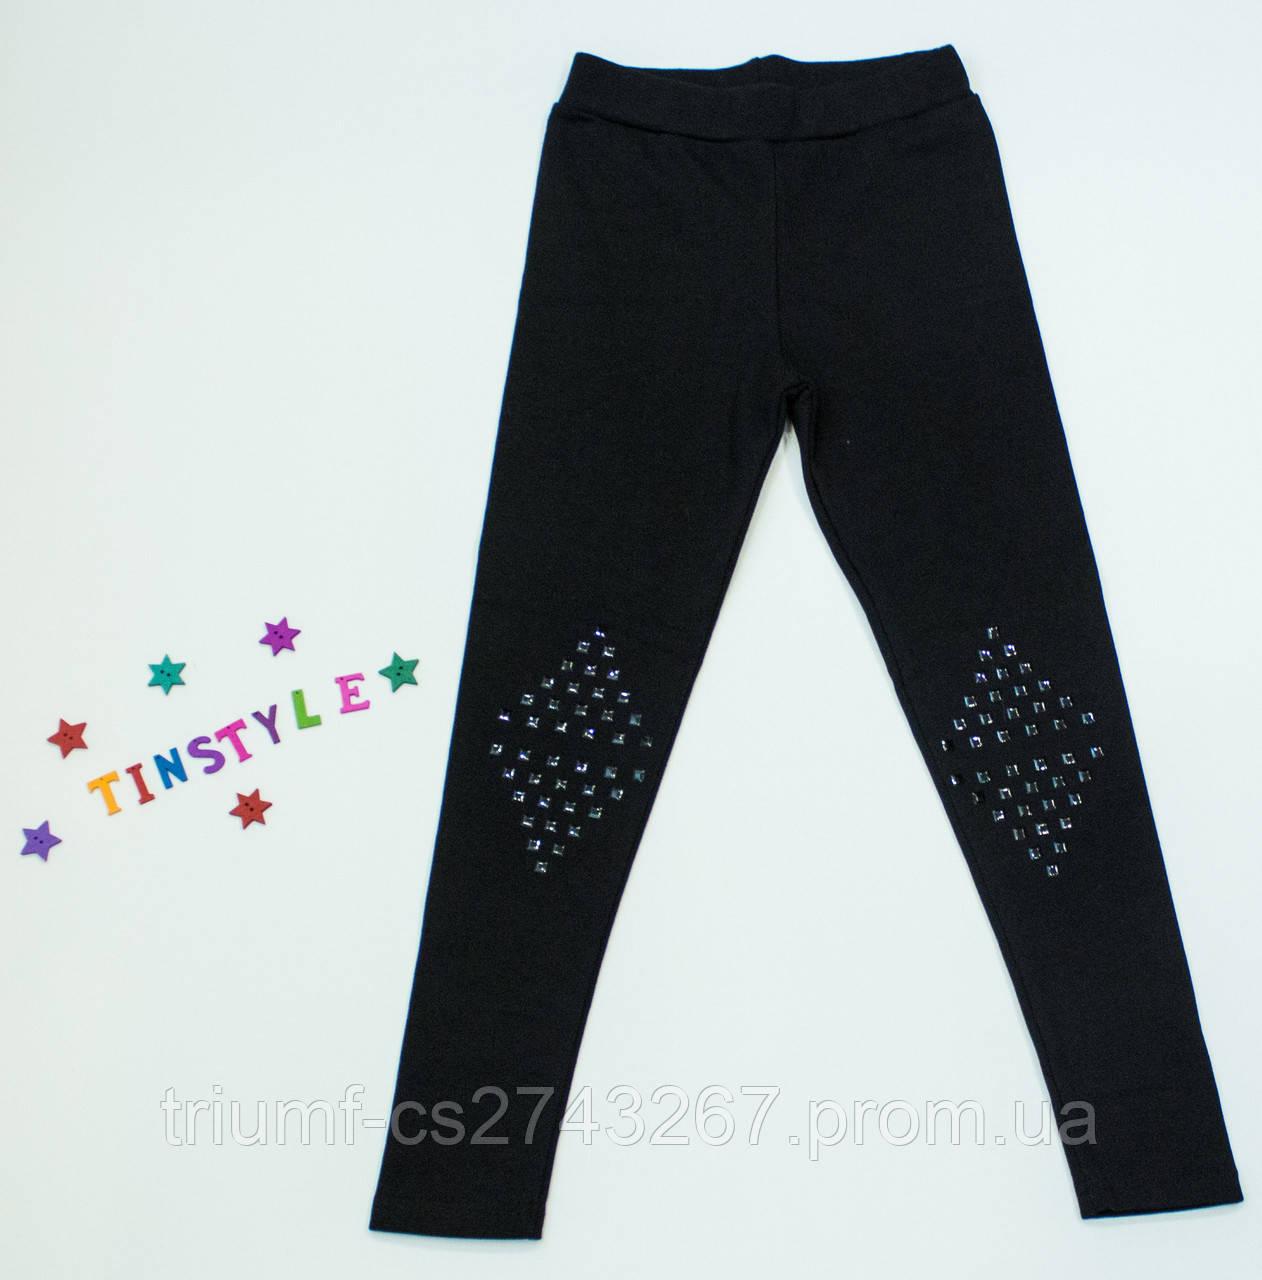 """Трикотажные лосины на рост  128-176 -  Интернет -магазин """"Tinstyle""""-  модная креативная молодежная одежда.Одежда для детей и подростков  в Кривом Роге"""